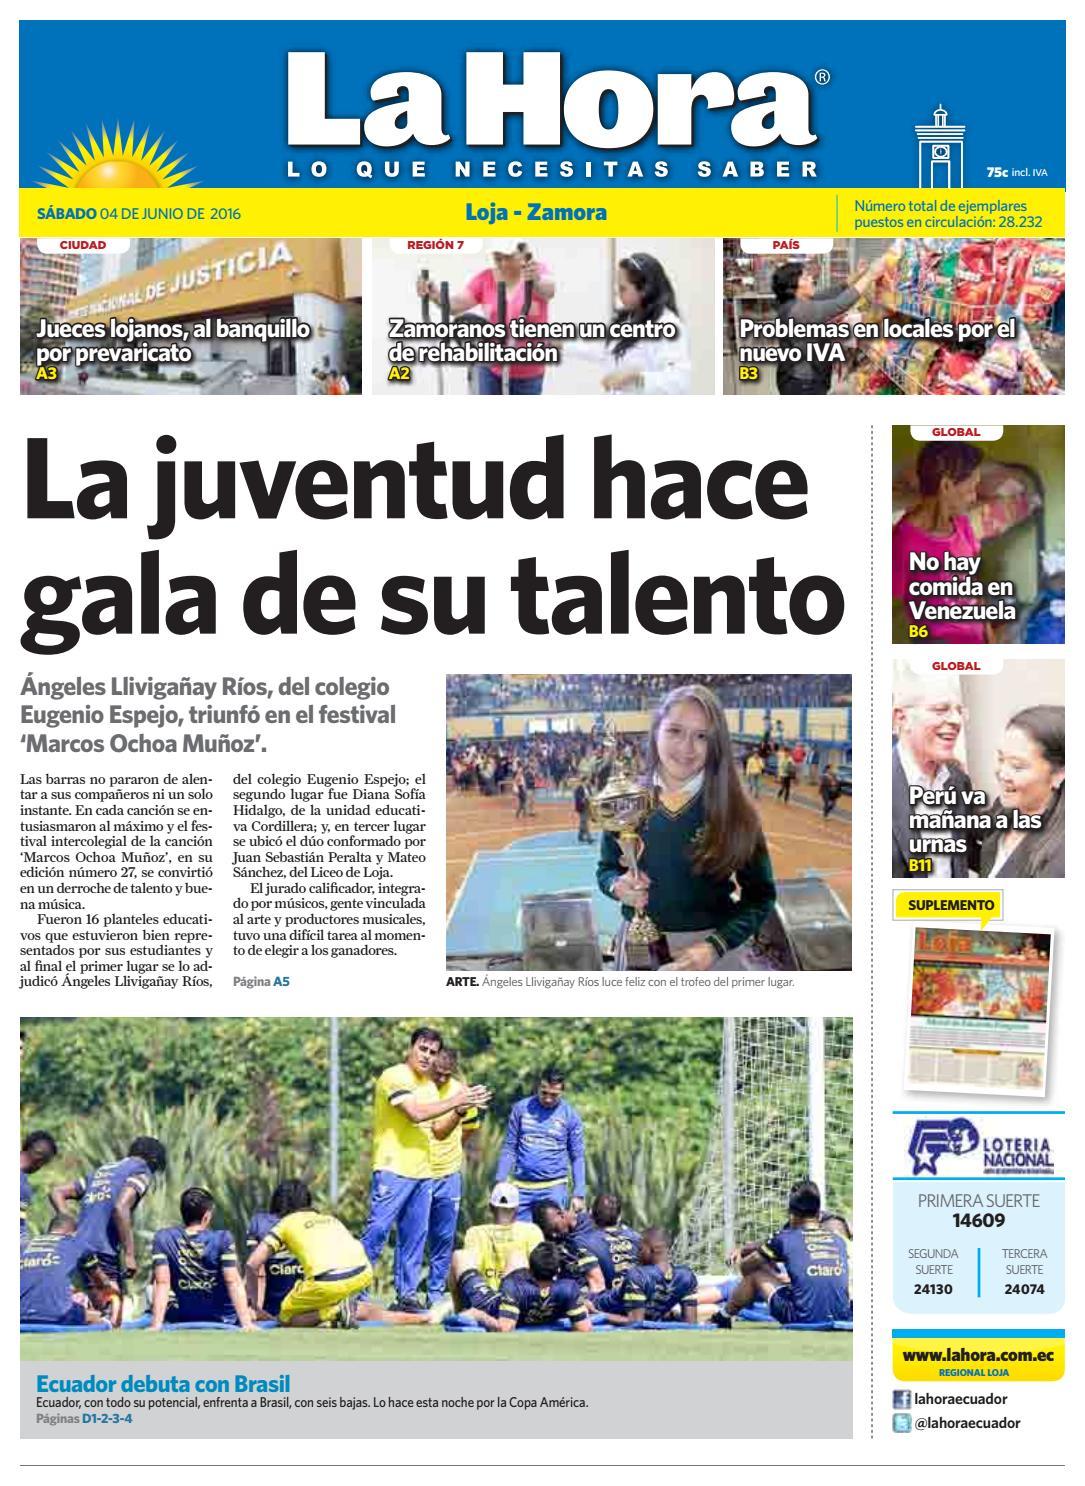 Diario La Hora Loja 04 de Junio 2016 by Diario La Hora Ecuador - issuu